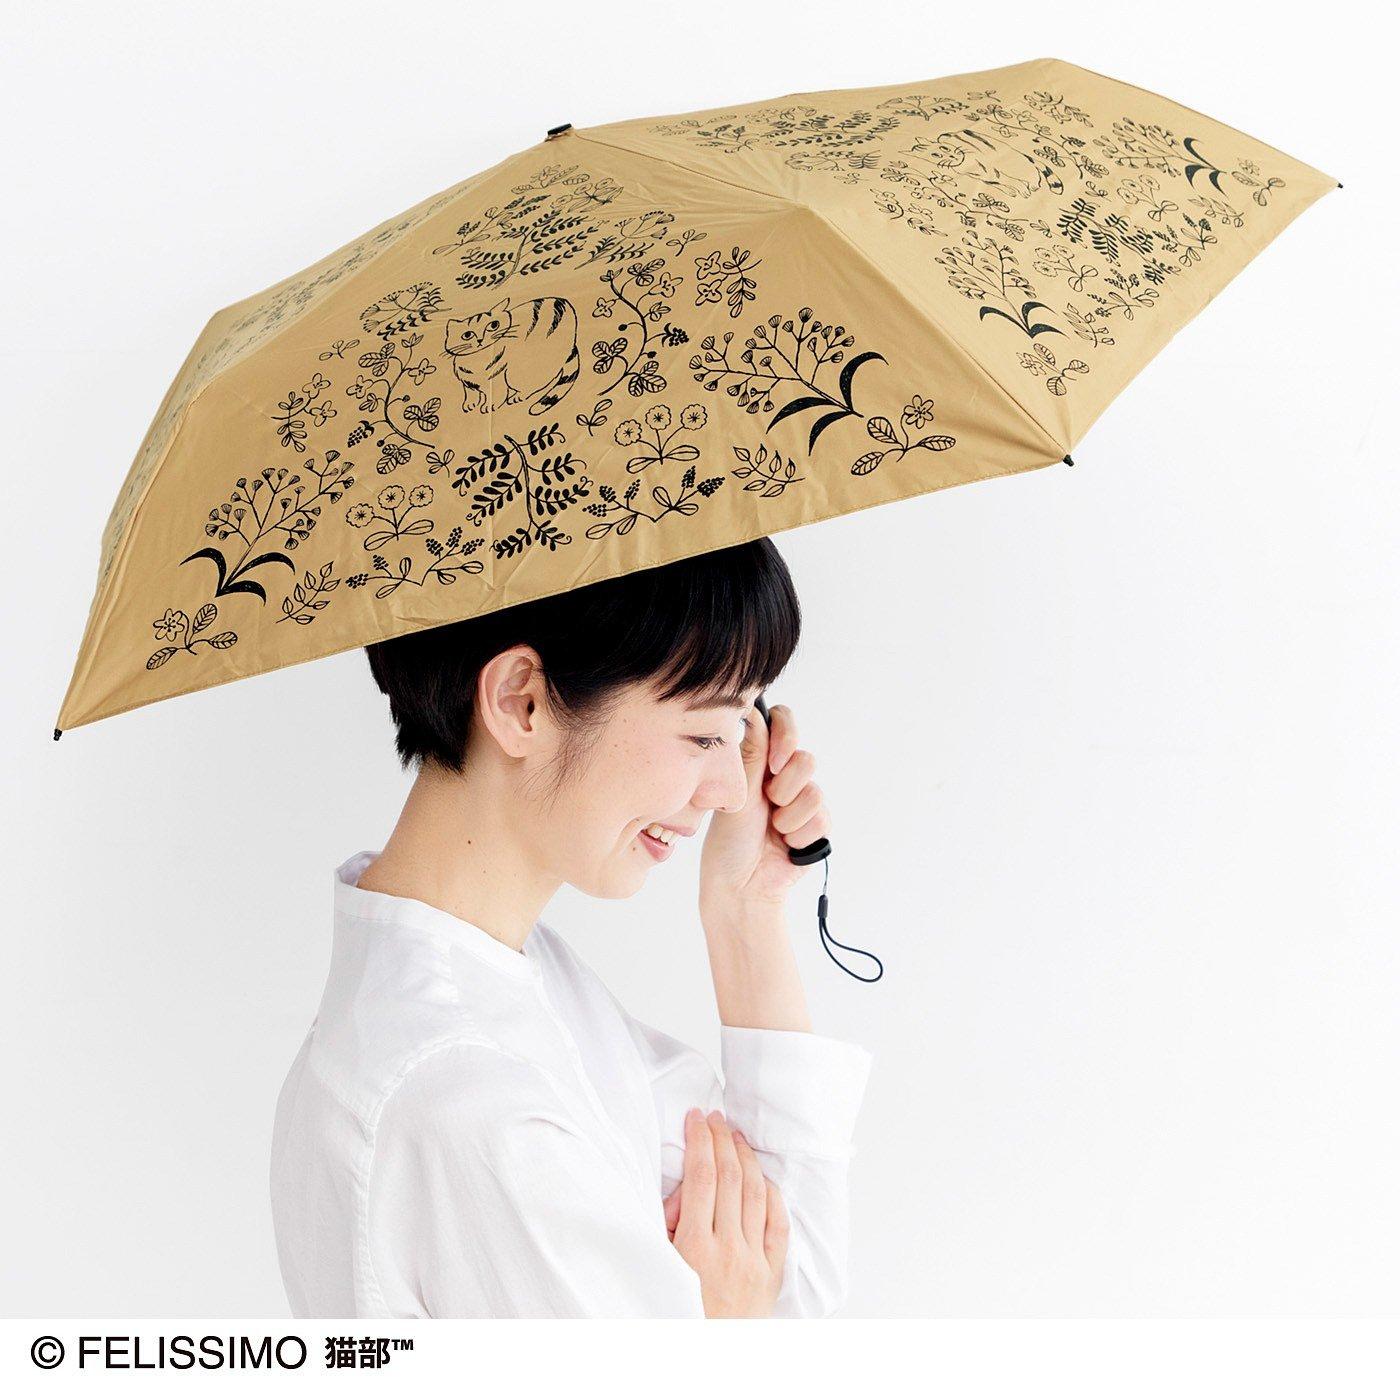 遮光も遮熱もおまかせ! ゆるり猫の晴雨兼用 超コンパクト折りたたみ傘